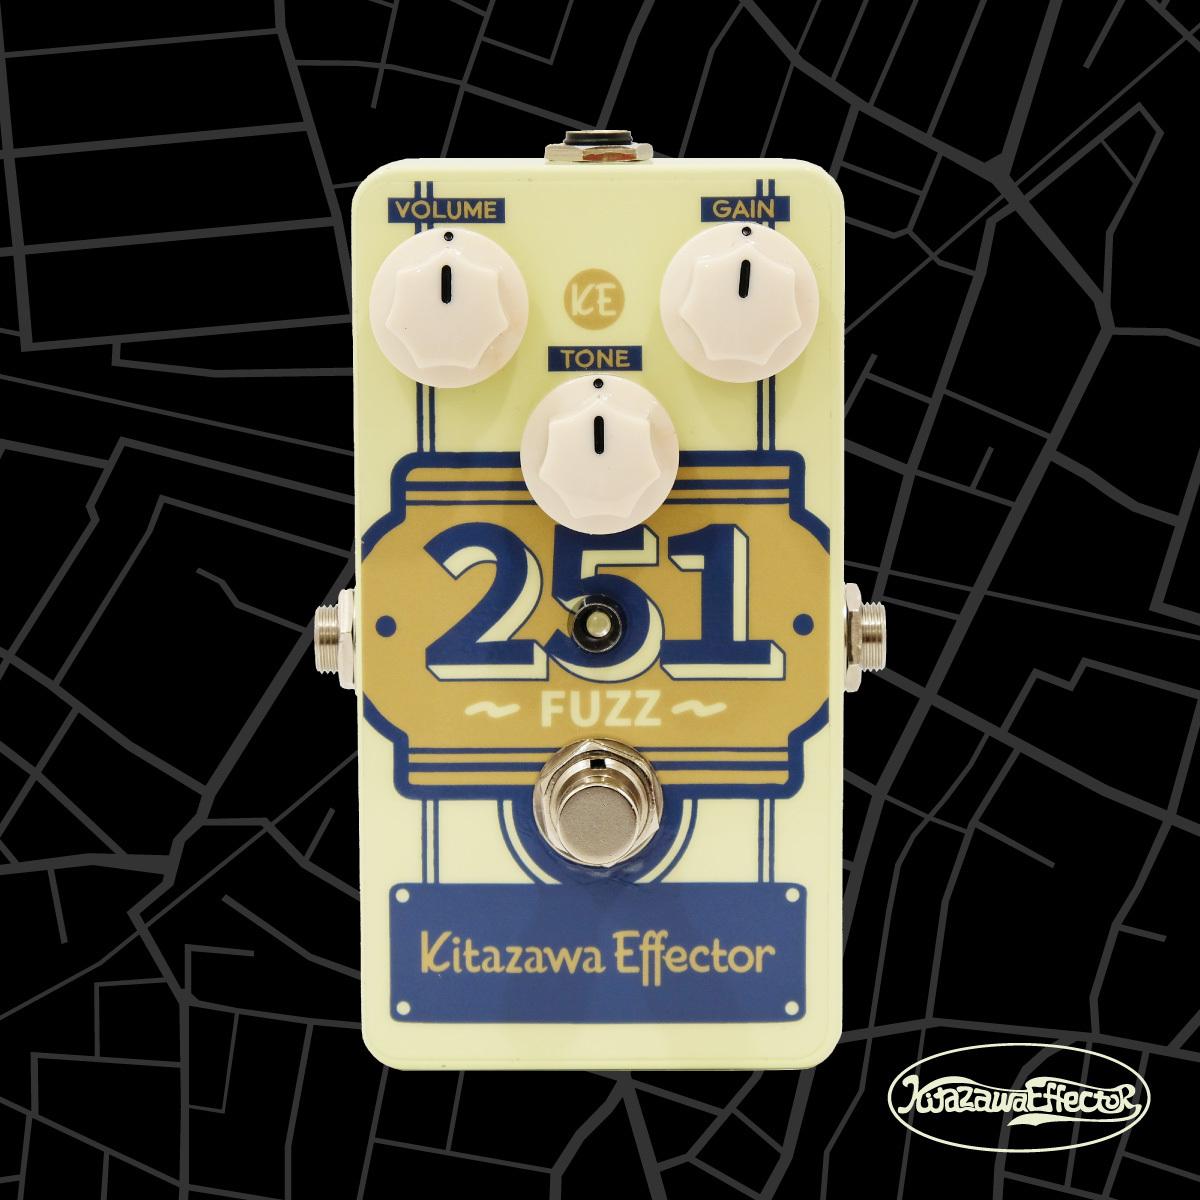 251 Fuzz (ライブハウス:CLUB251)